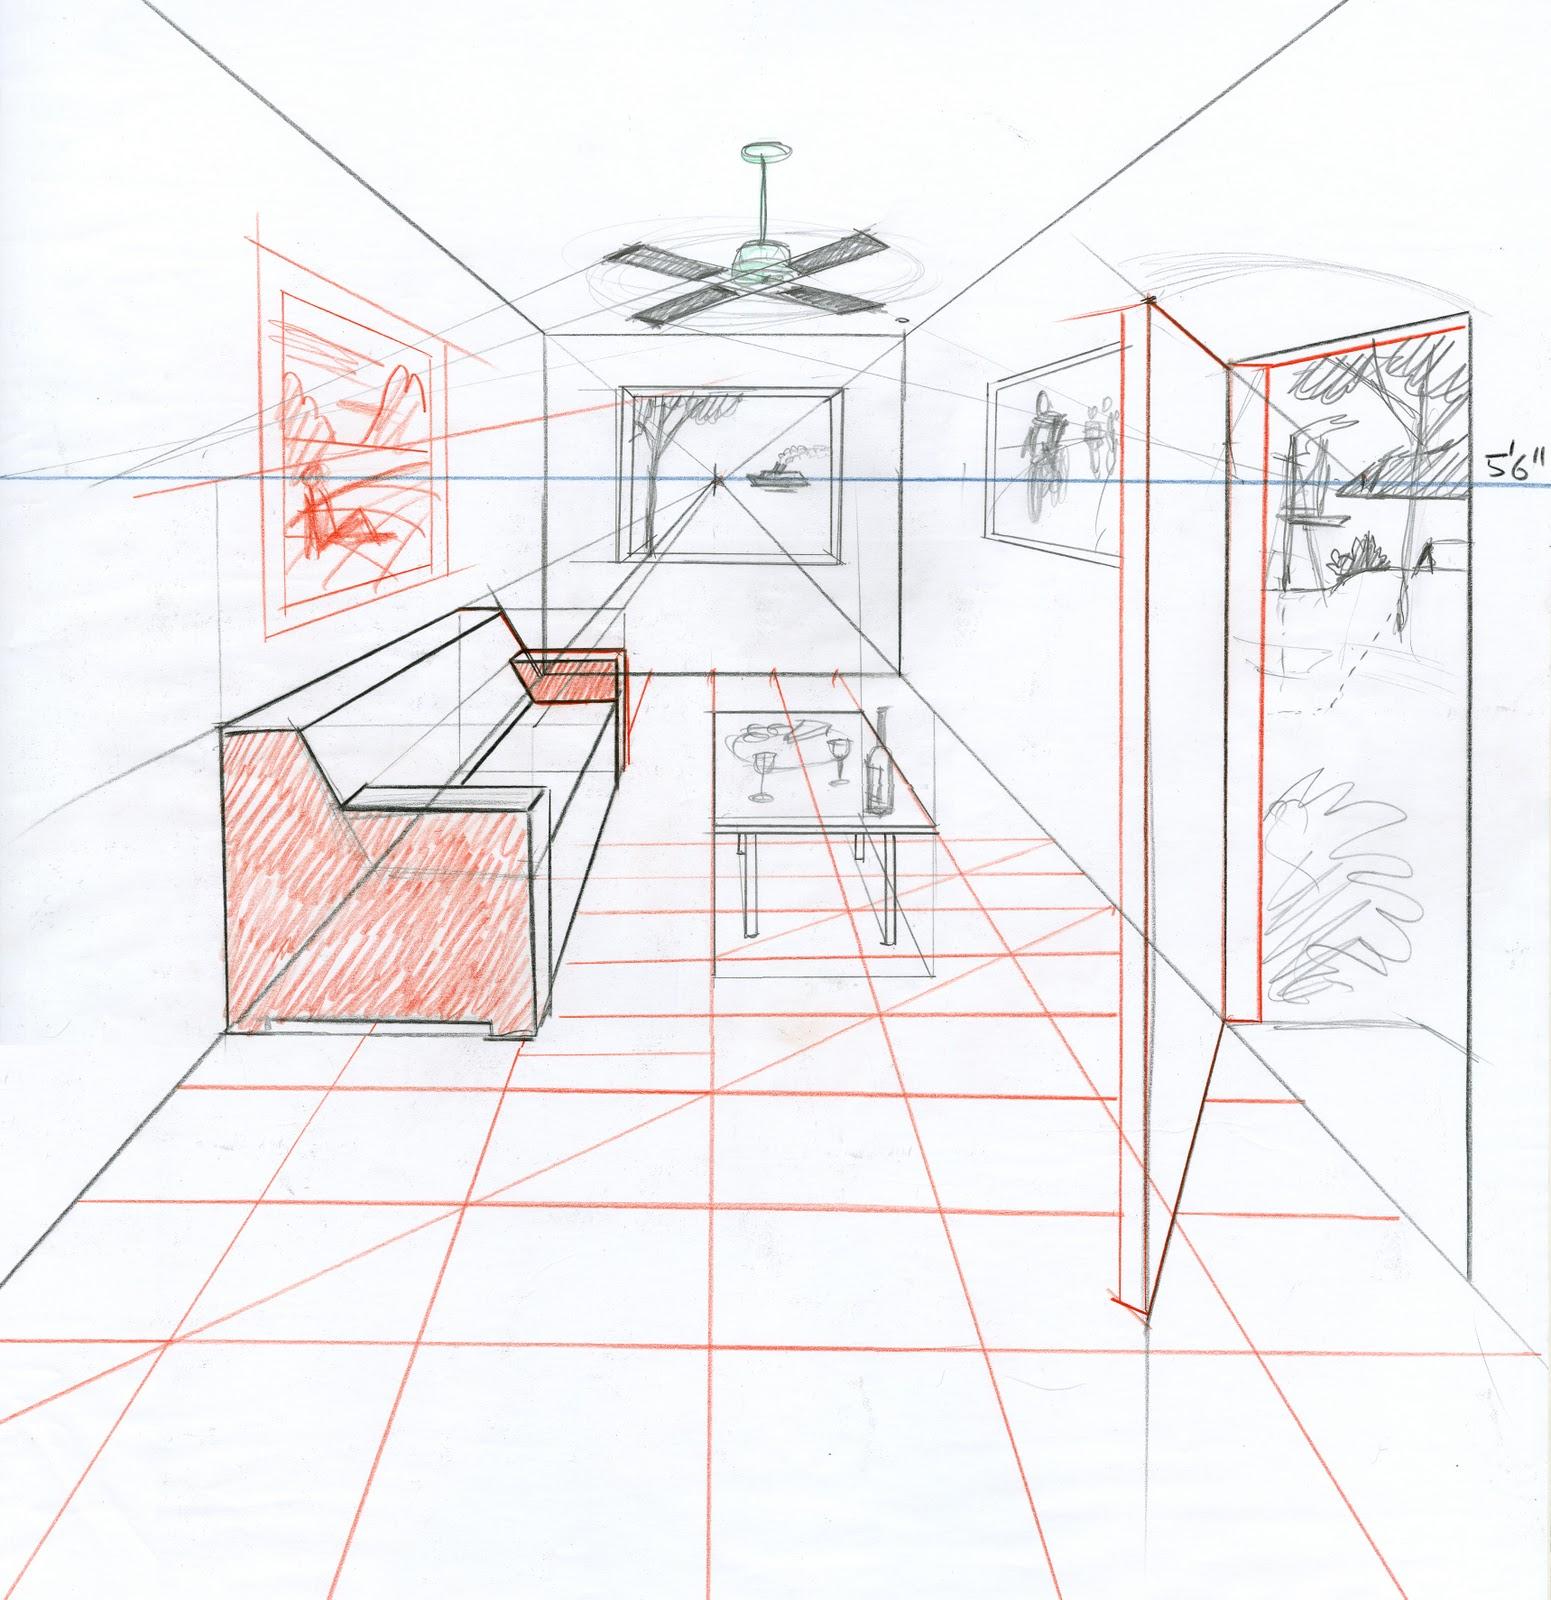 Jon Messer S Perspective Class November